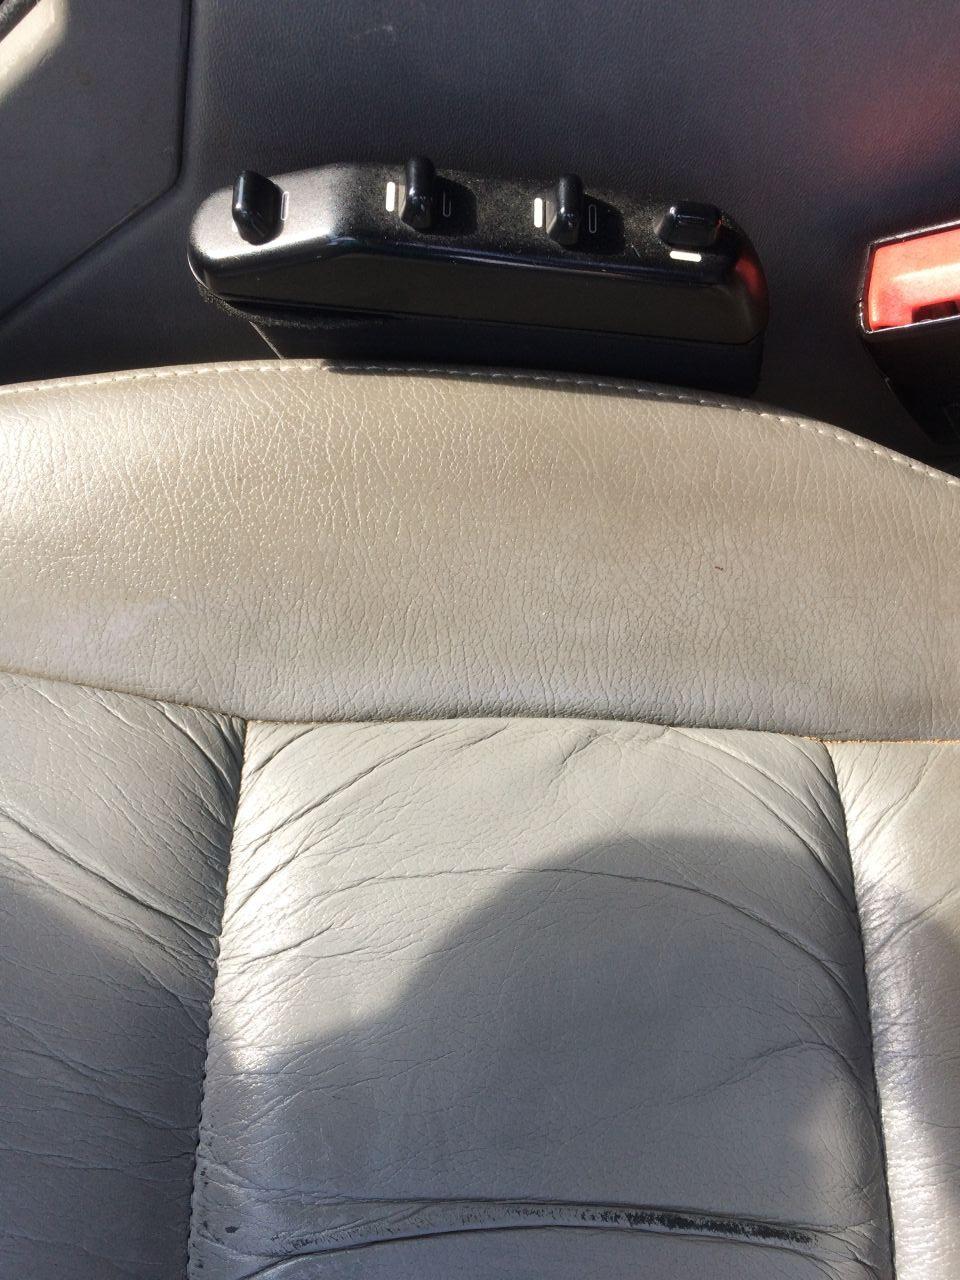 Кожа после чистки и обработки кондиционером для автокожи стало намного приятие и мягче. Разницу чистой сидушки и какой была она изначально видите сами. По середине отчищенная сидушка, а возле подлокотника в родной грязи.